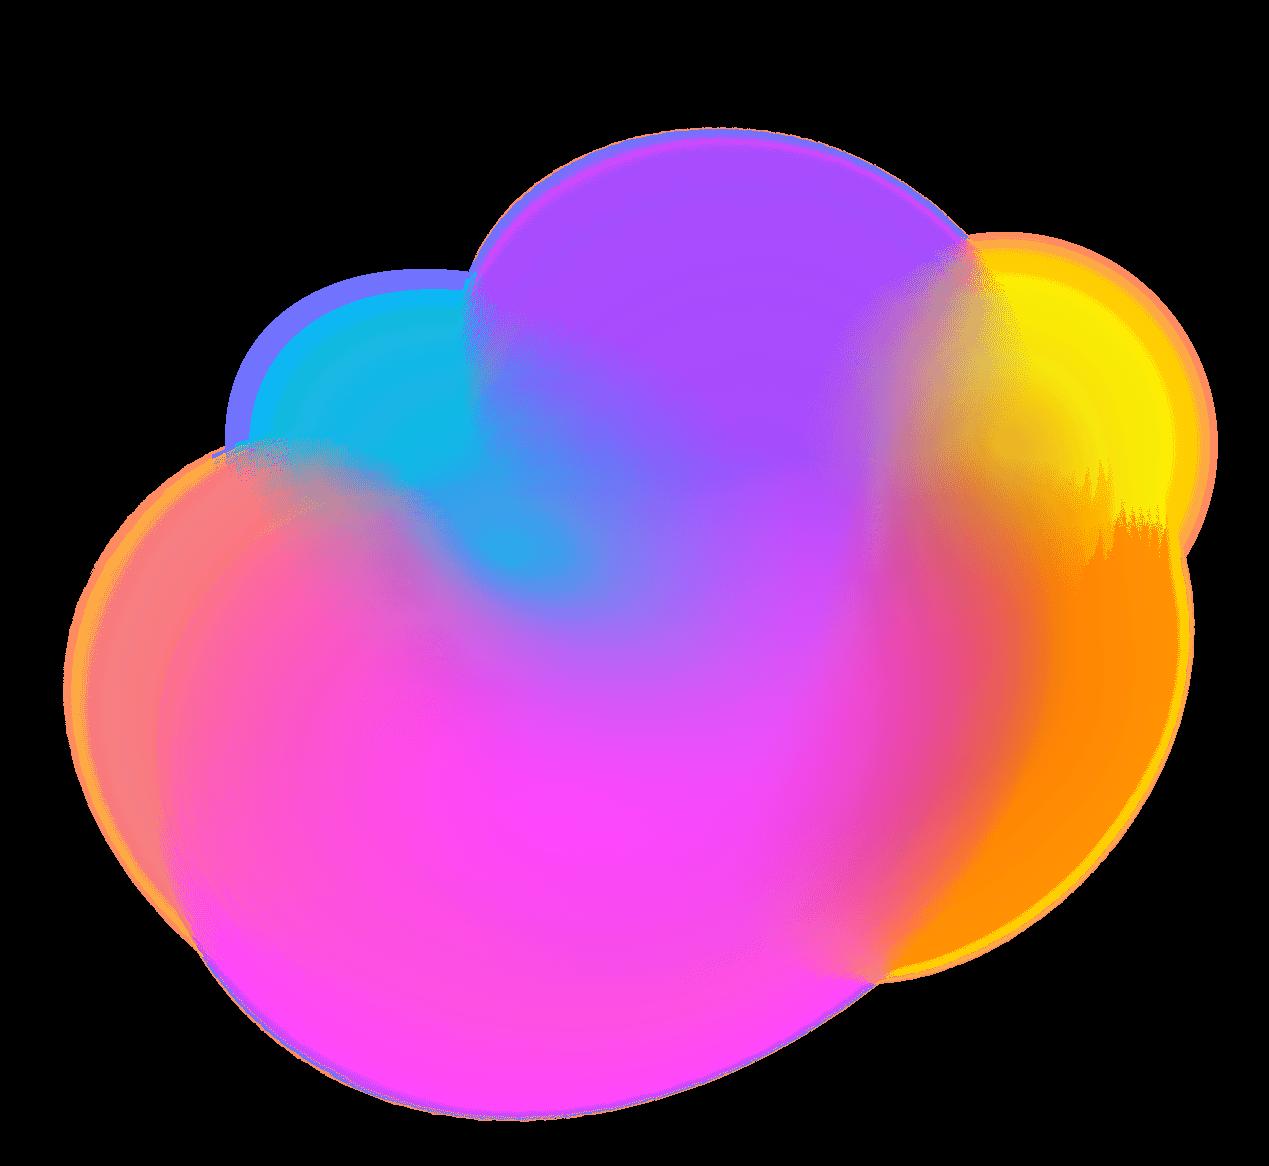 Coloured data visualisation